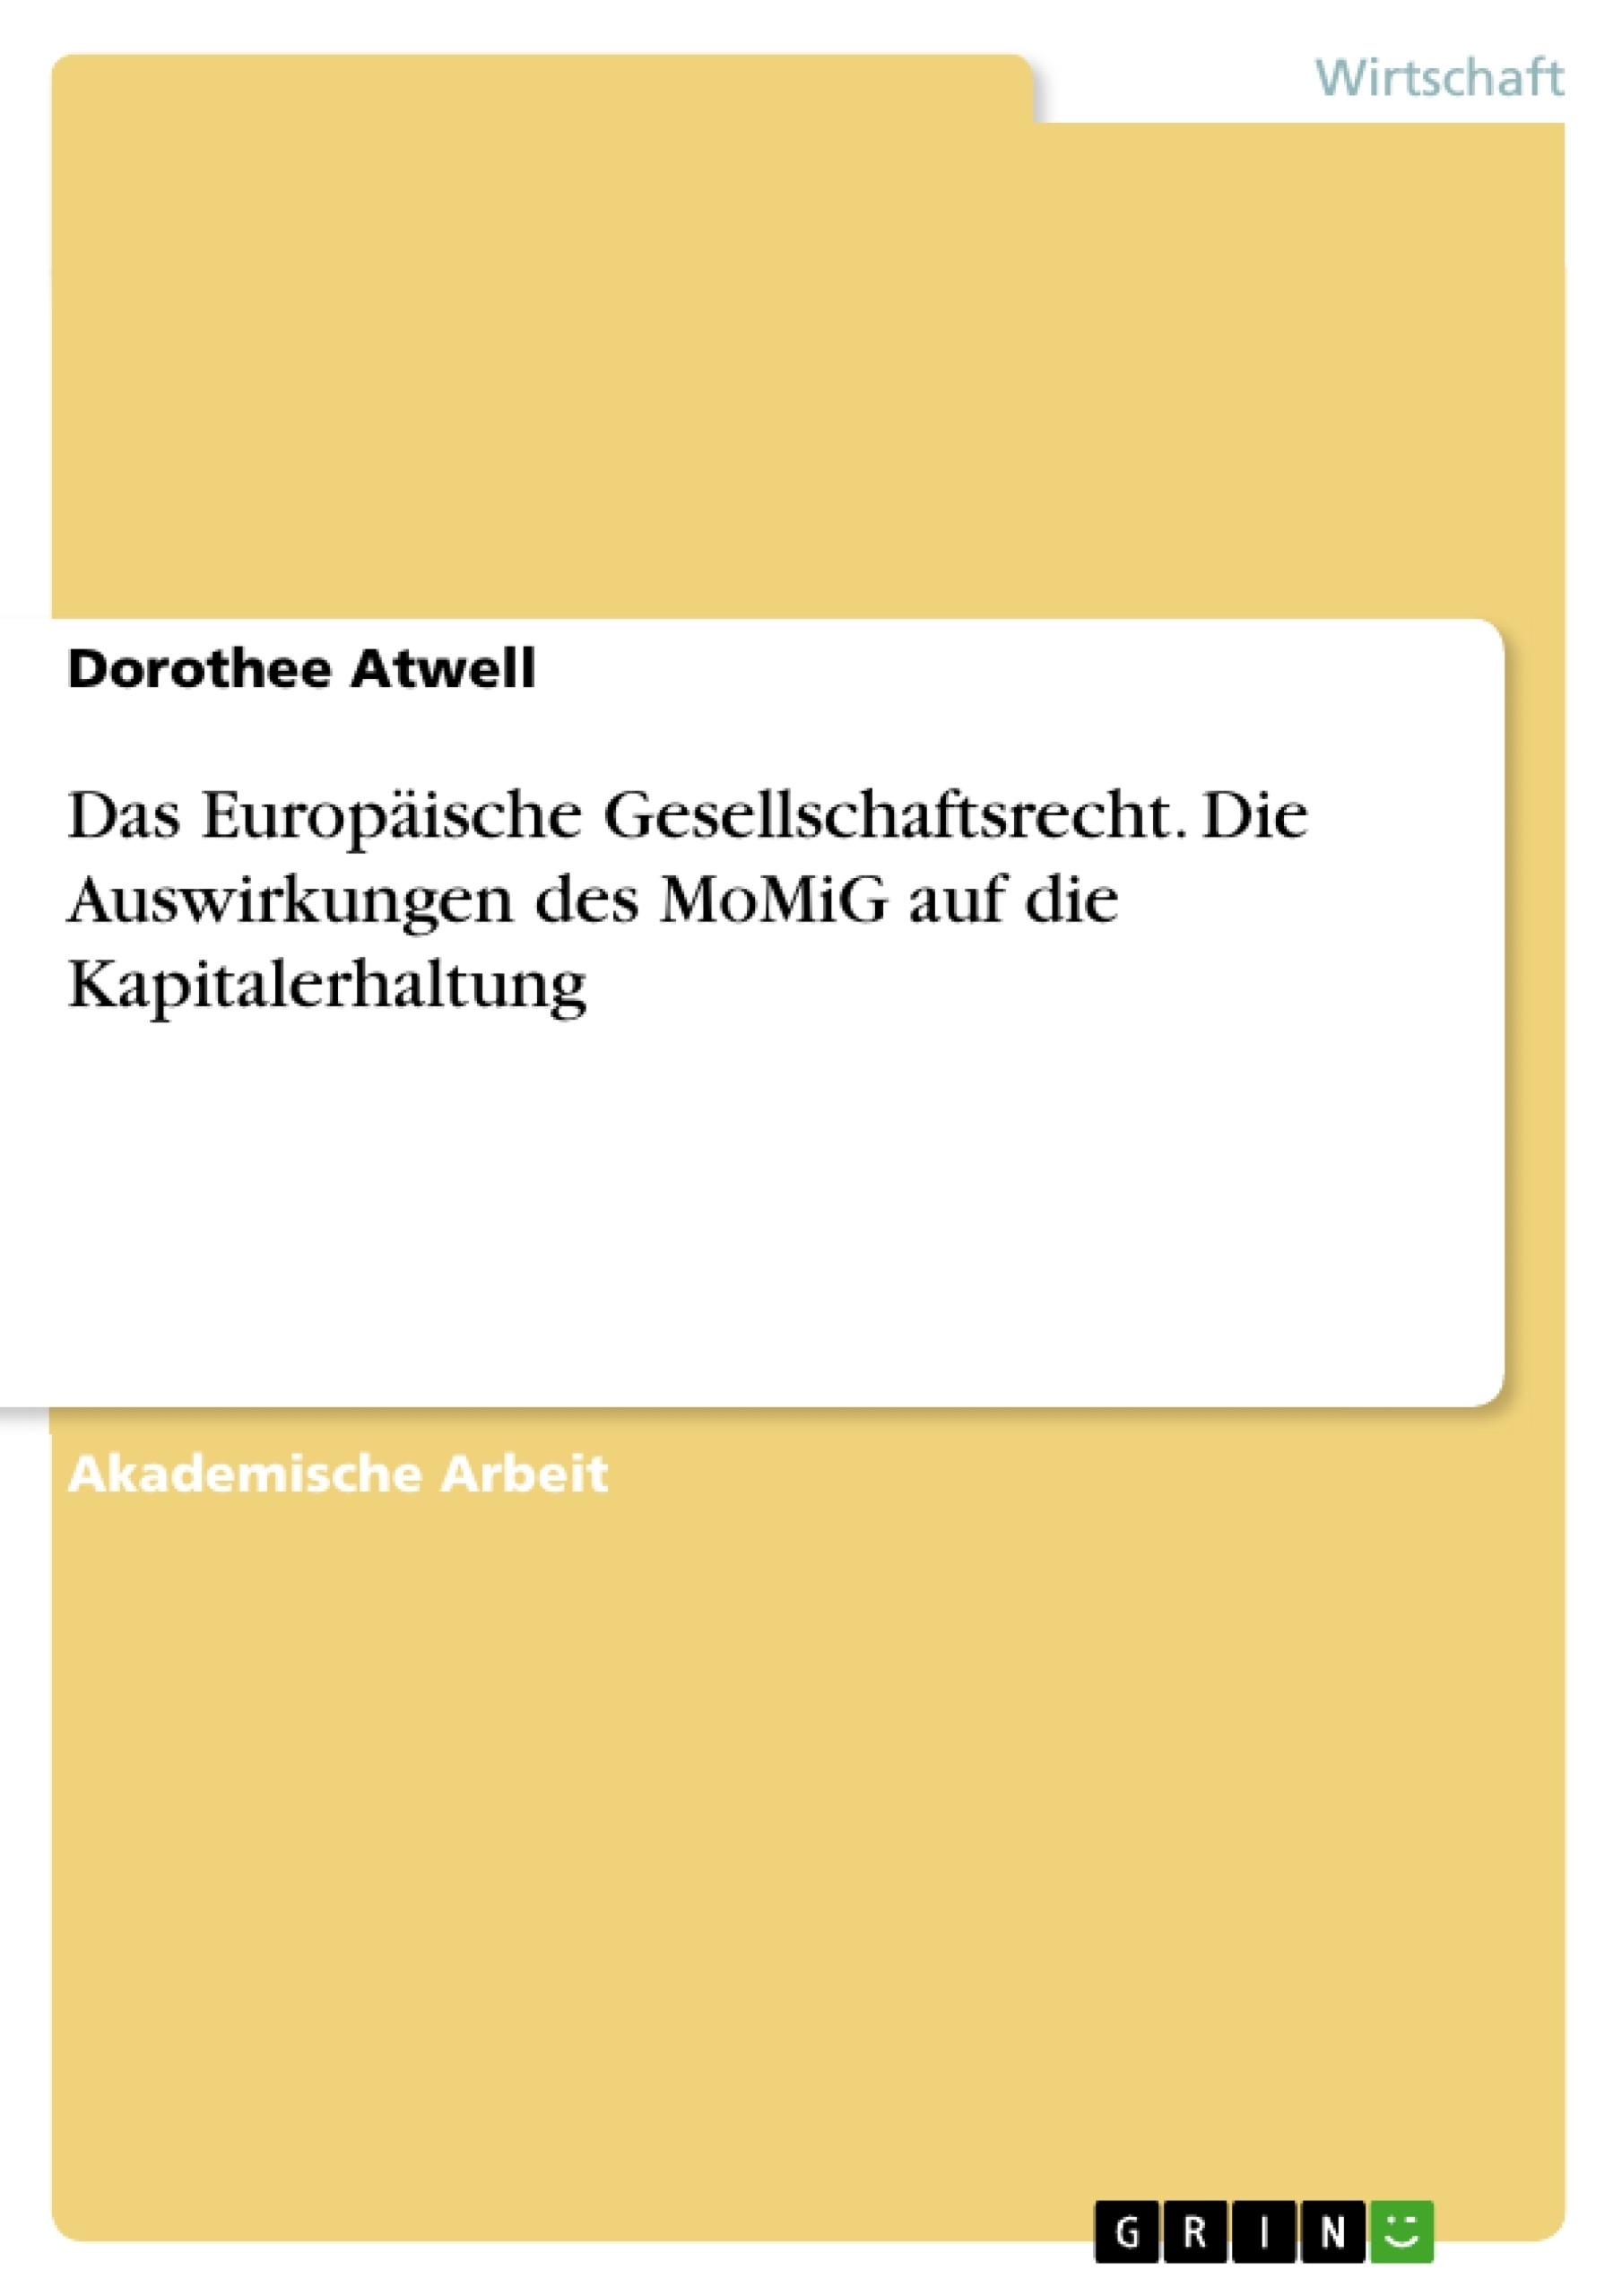 Titel: Das Europäische Gesellschaftsrecht. Die Auswirkungen des MoMiG auf die Kapitalerhaltung